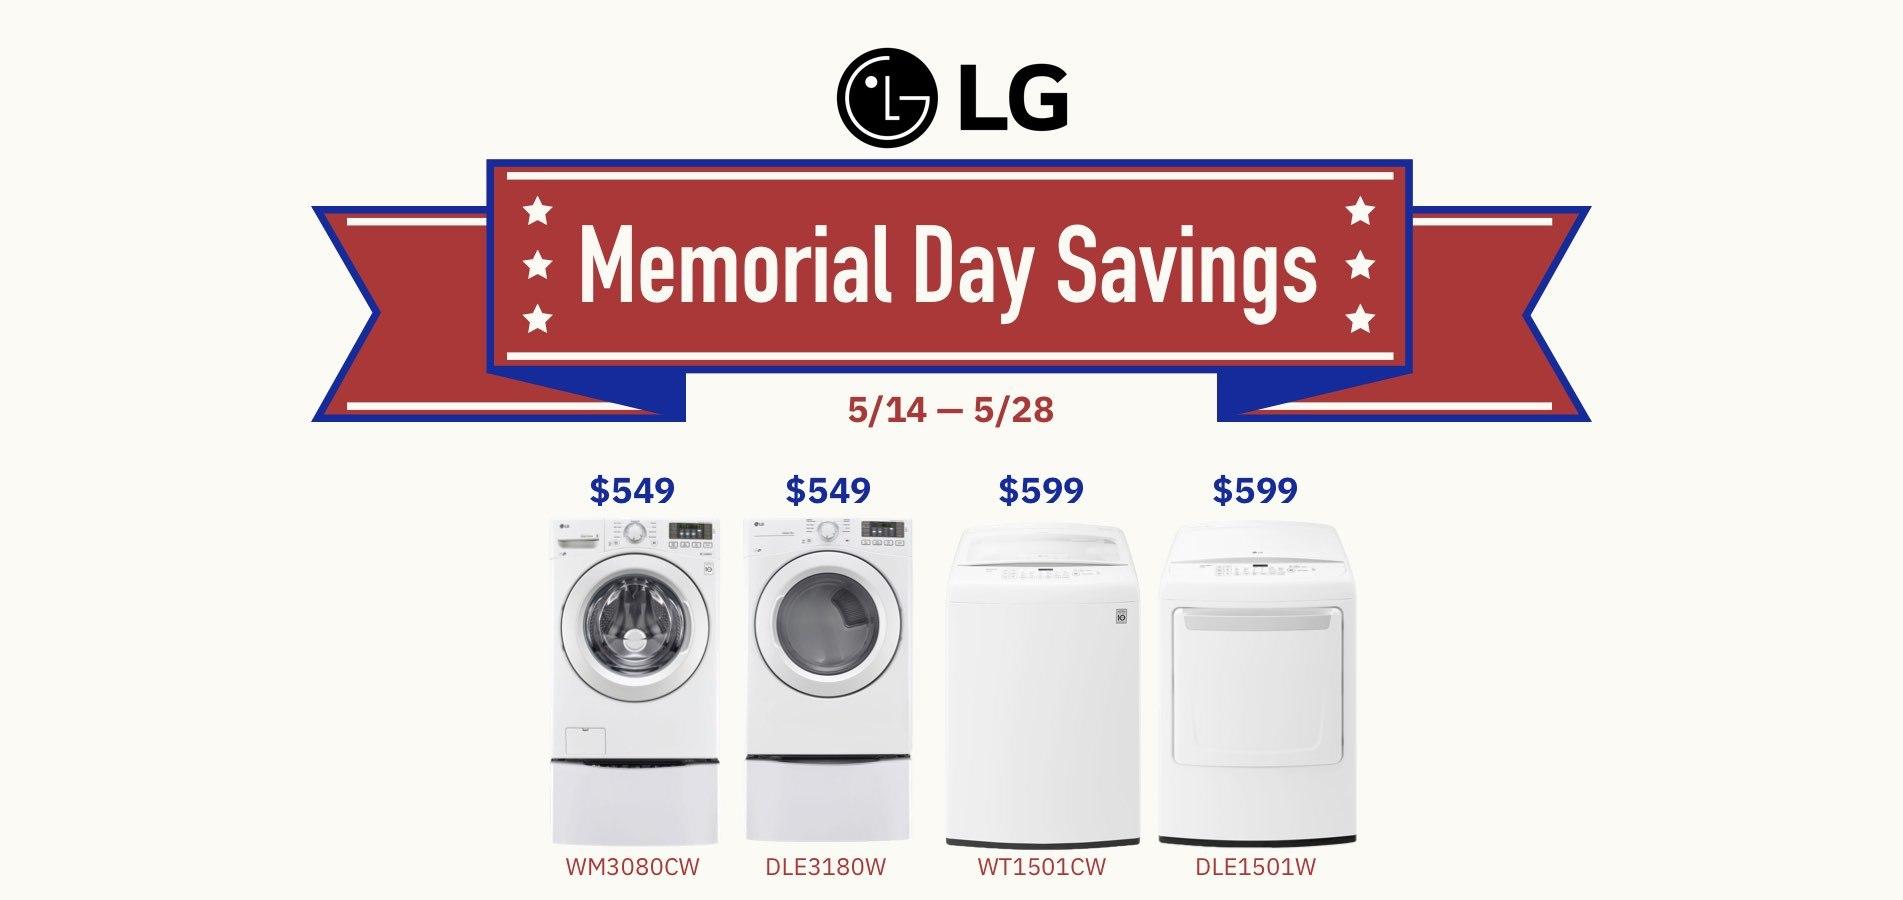 LG Memorial Day